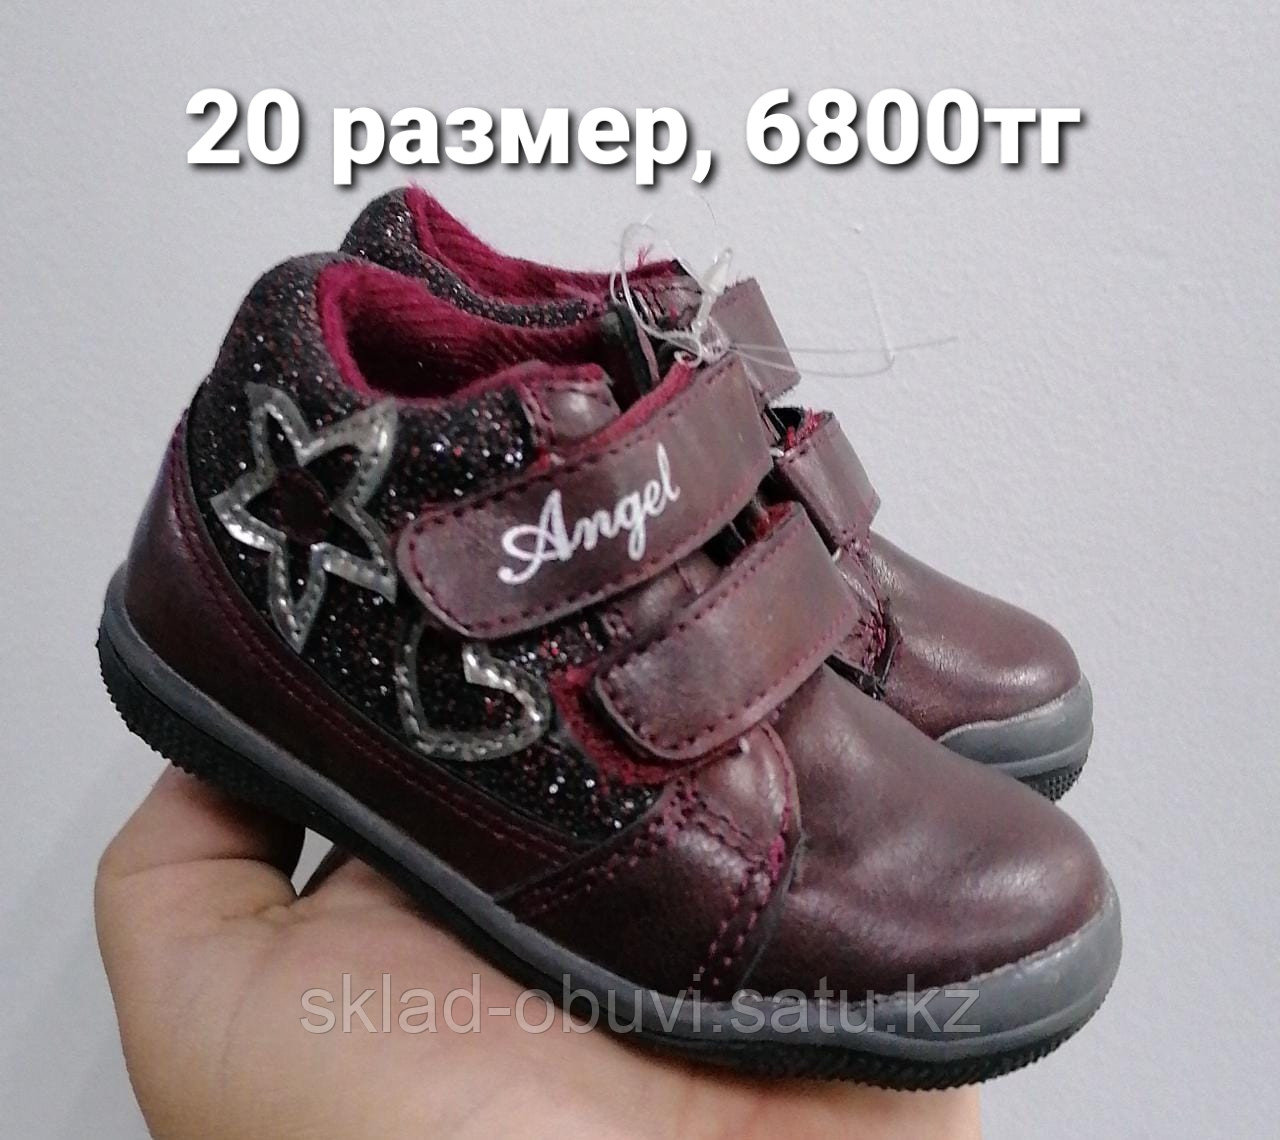 Кожаные ортопедические детские ботиночки. Распродажа со склада мелким оптом. - фото 2